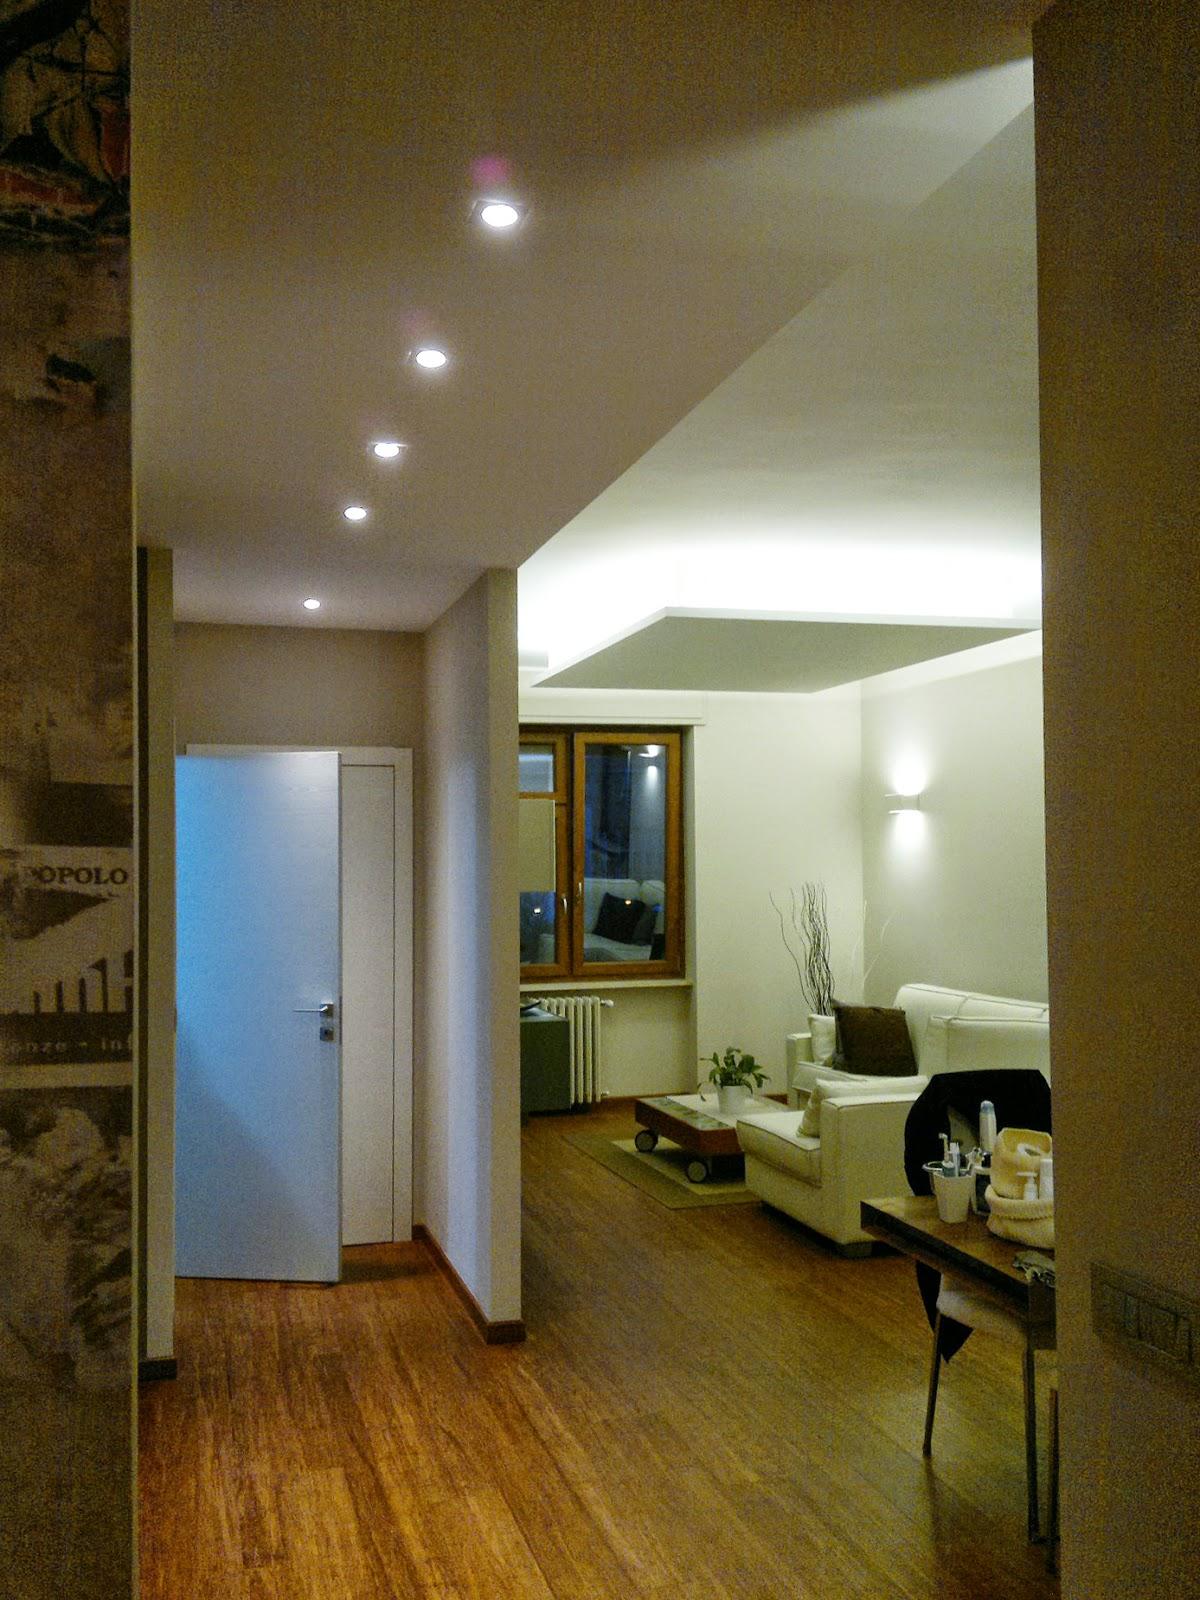 illuminazione led casa: 2014 - Illuminazione Soggiorno E Sala Da Pranzo 2